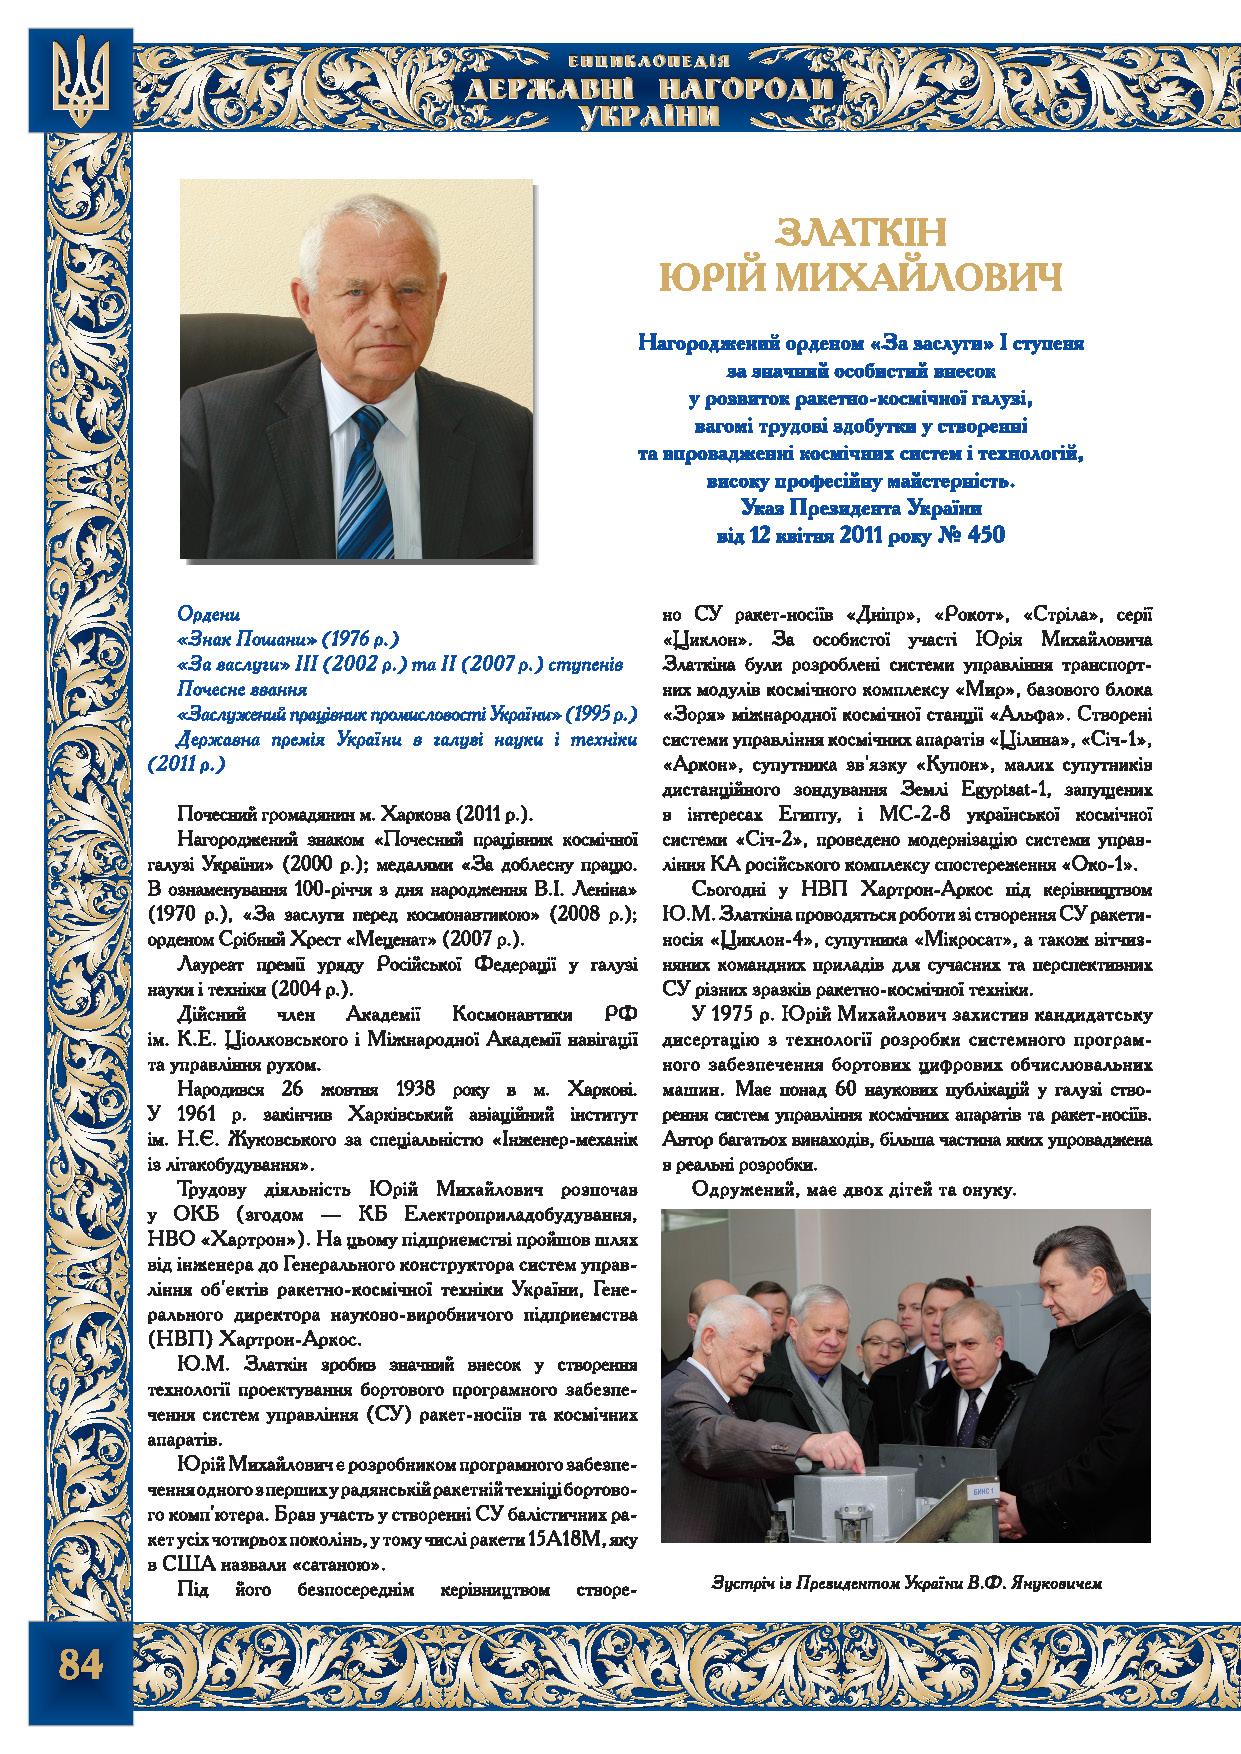 Златкін Юрій Михайлович